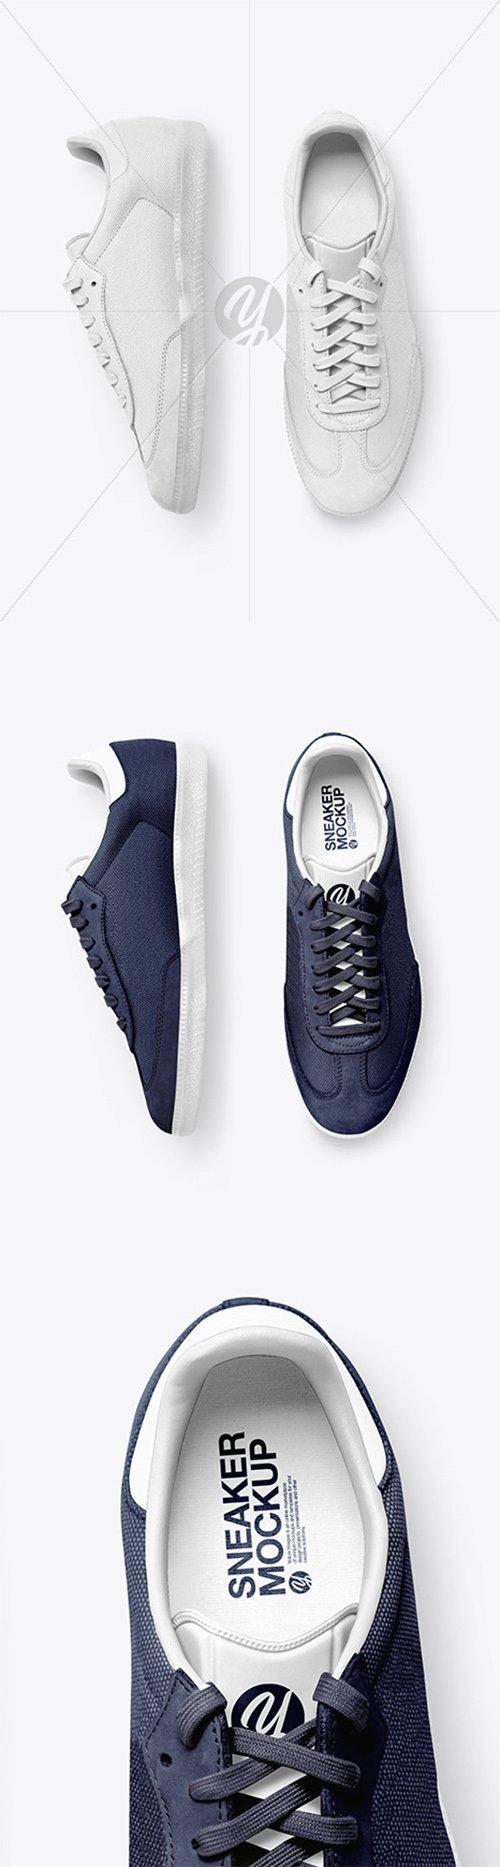 Realistic Sneakers Mockup 60789 TIF